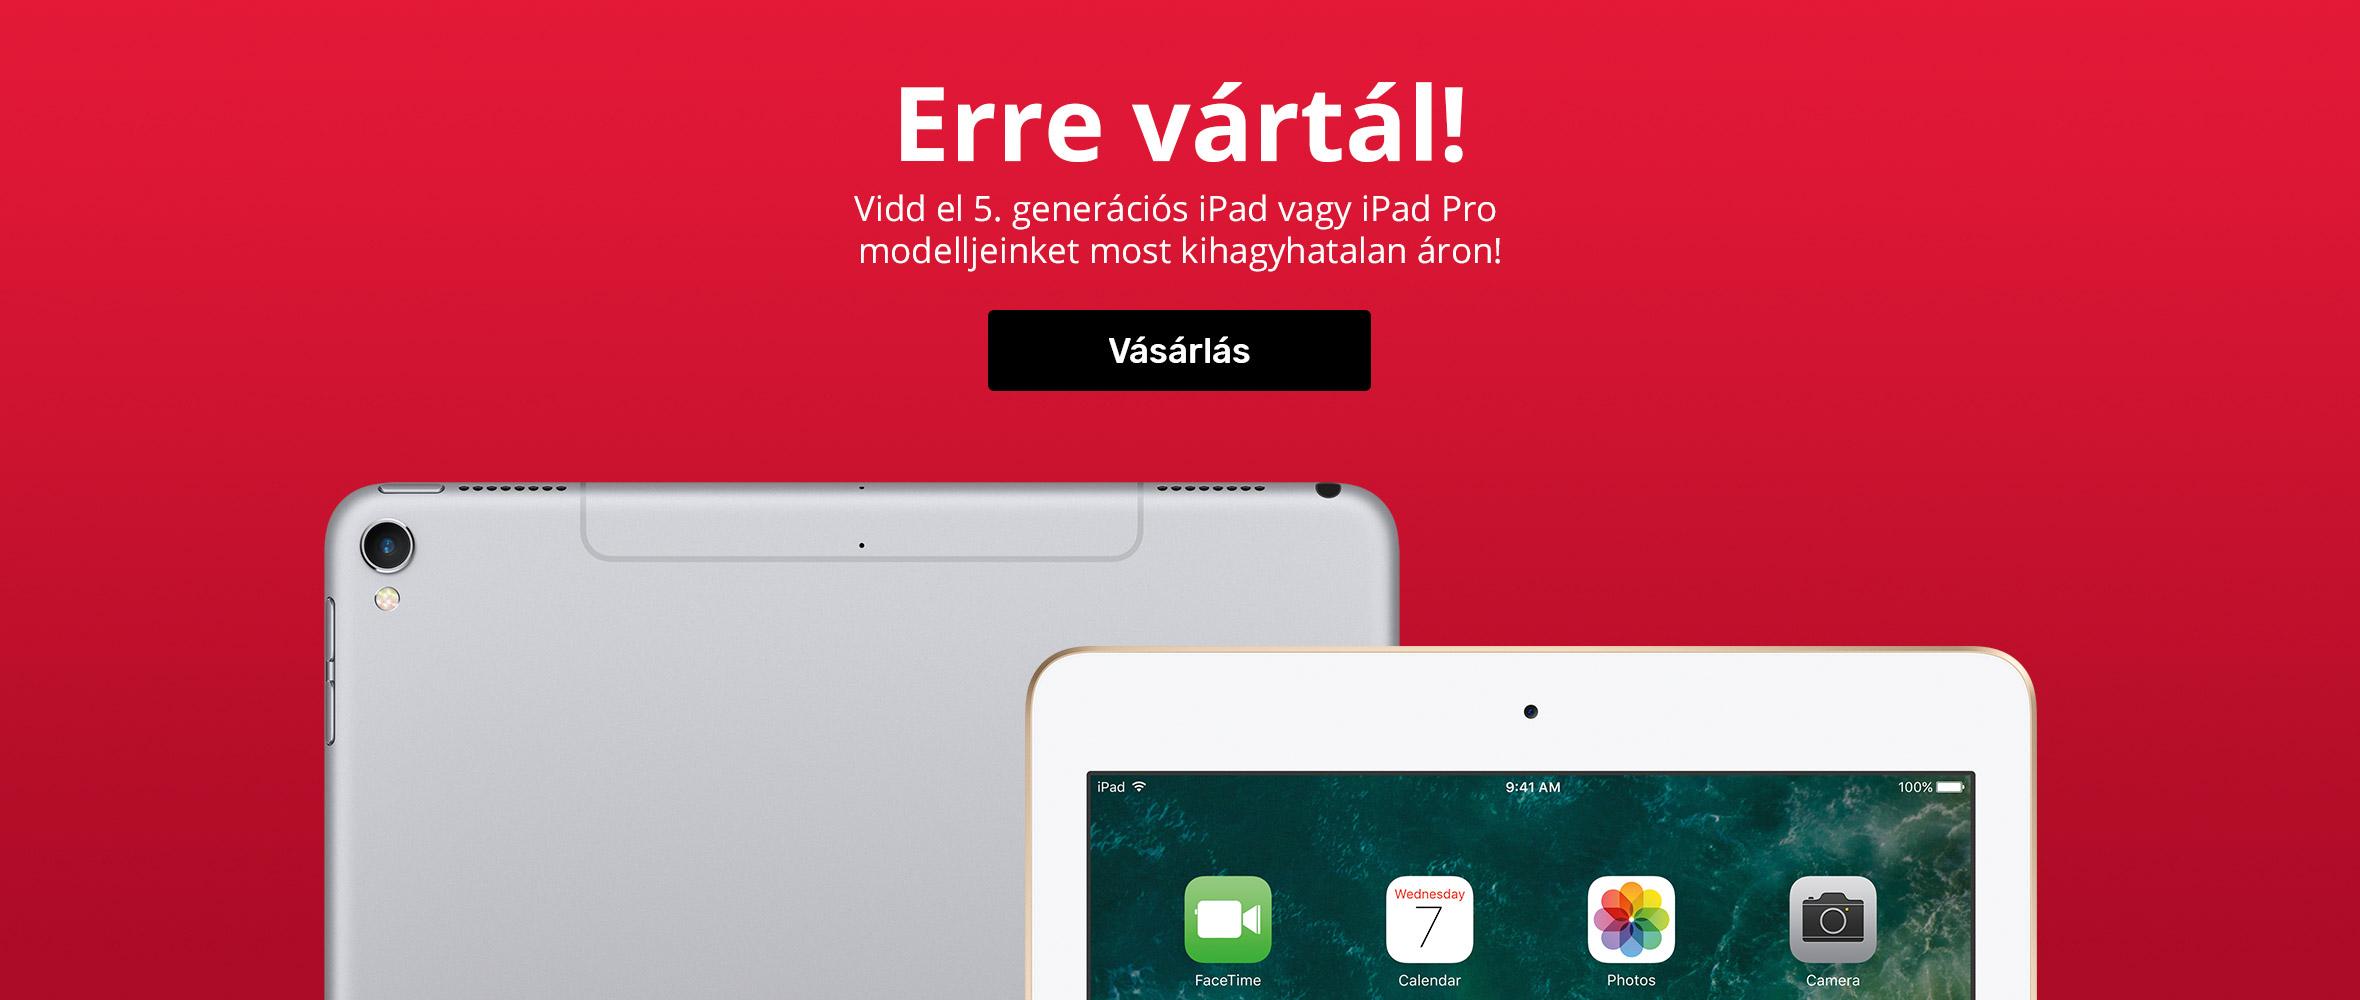 iPad - Erre vártál